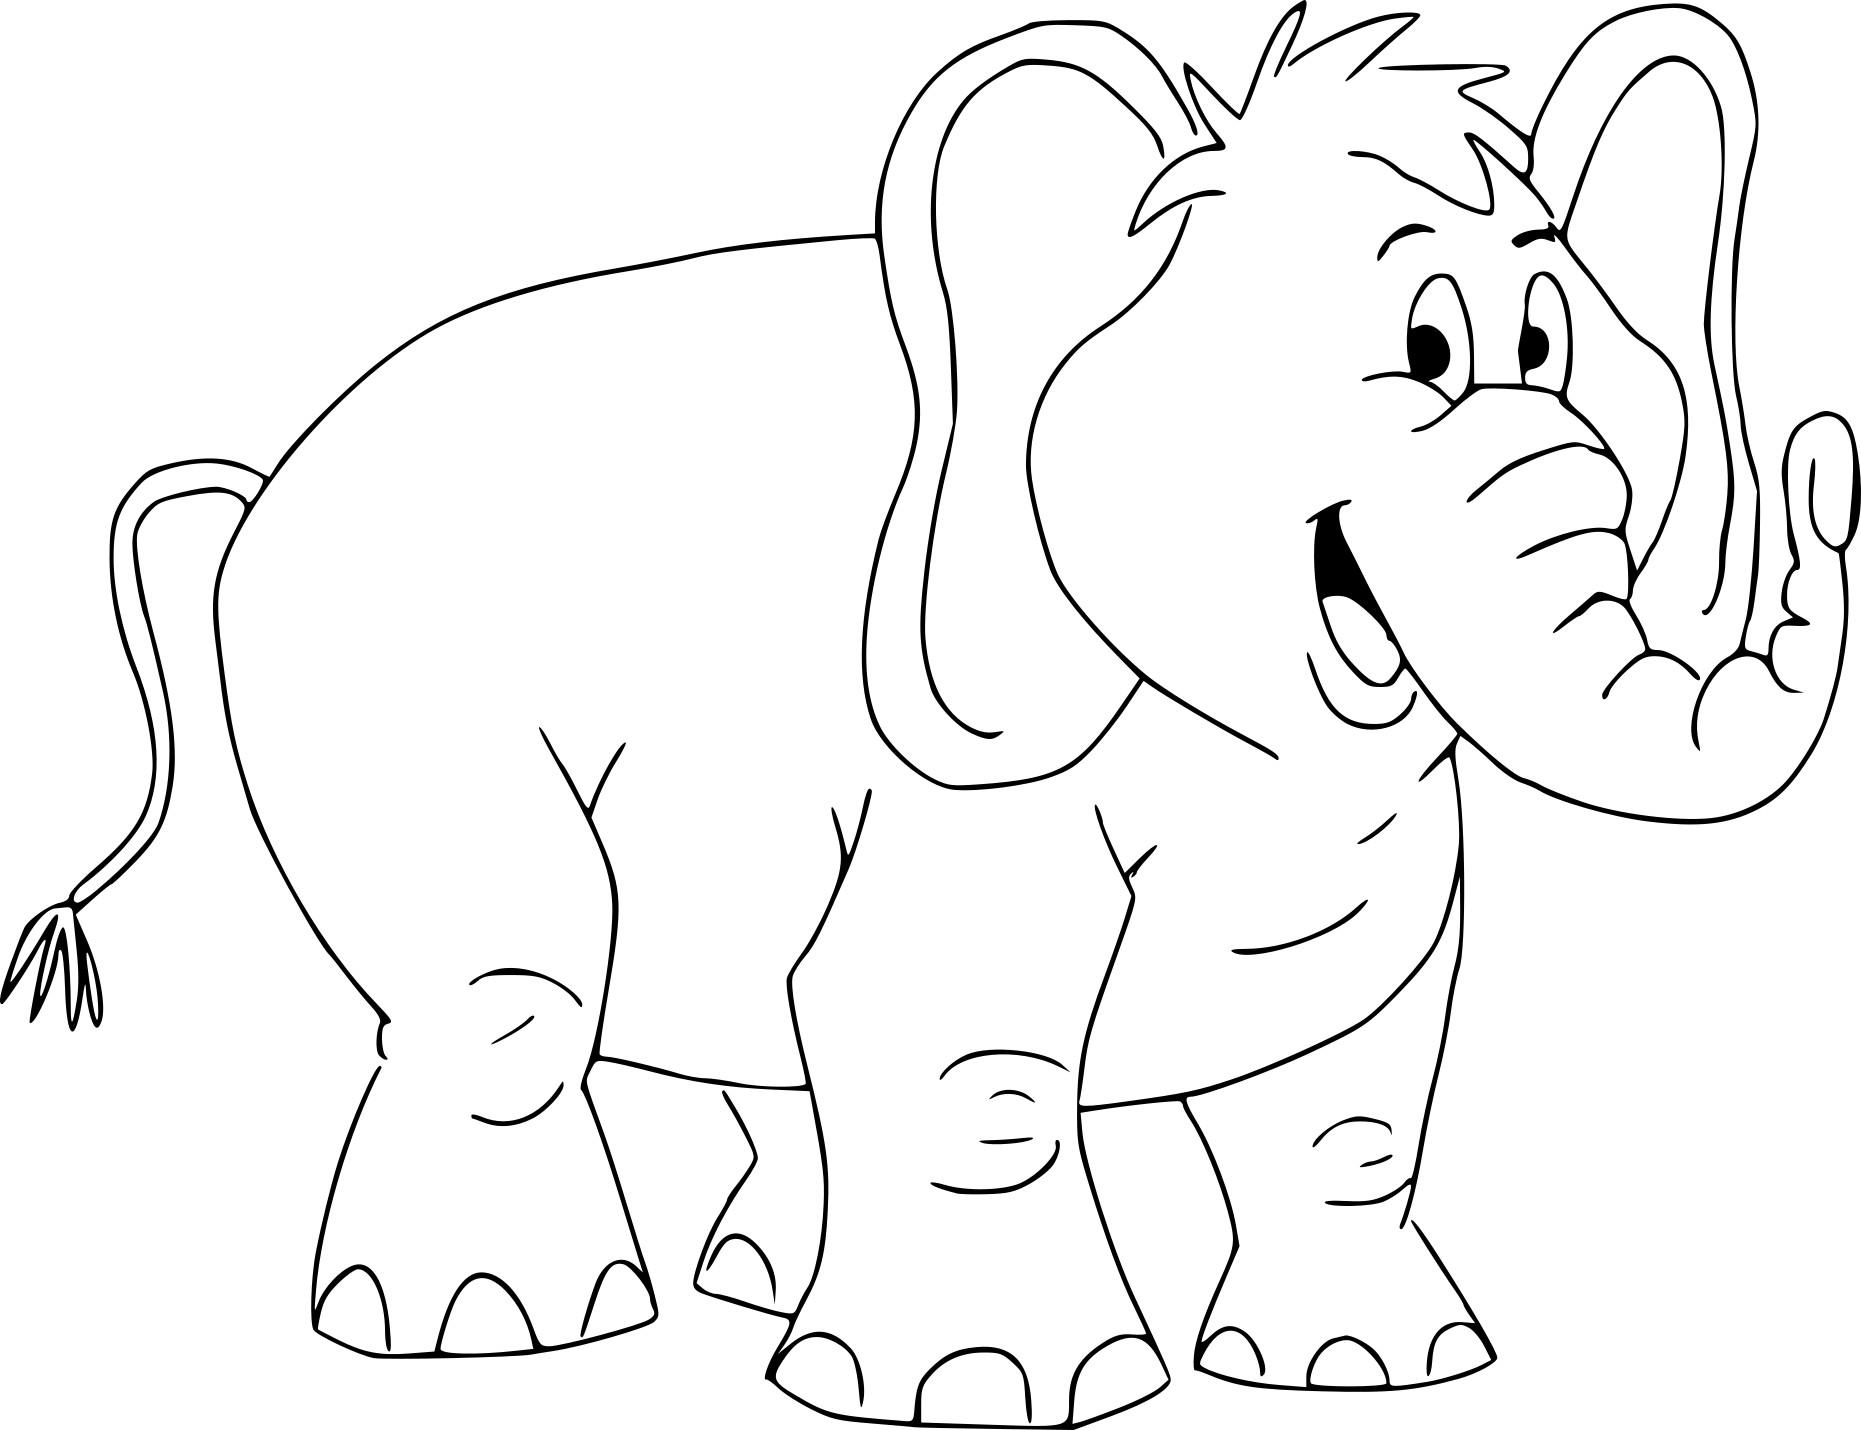 Tranh tô màu hình voi cartoon rất đẹp